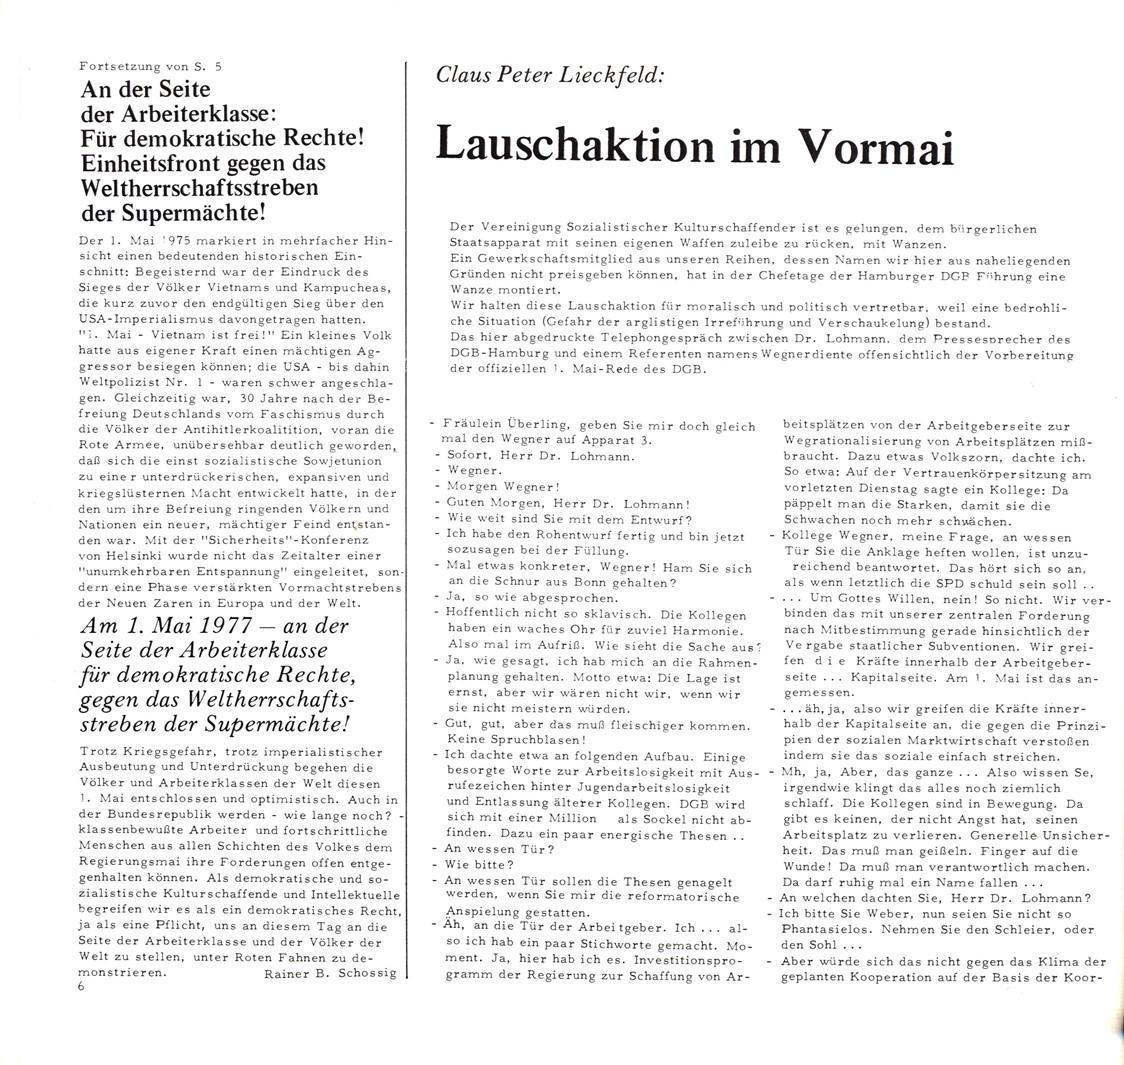 VSK_Kaempfende_Kunst_19770500_06